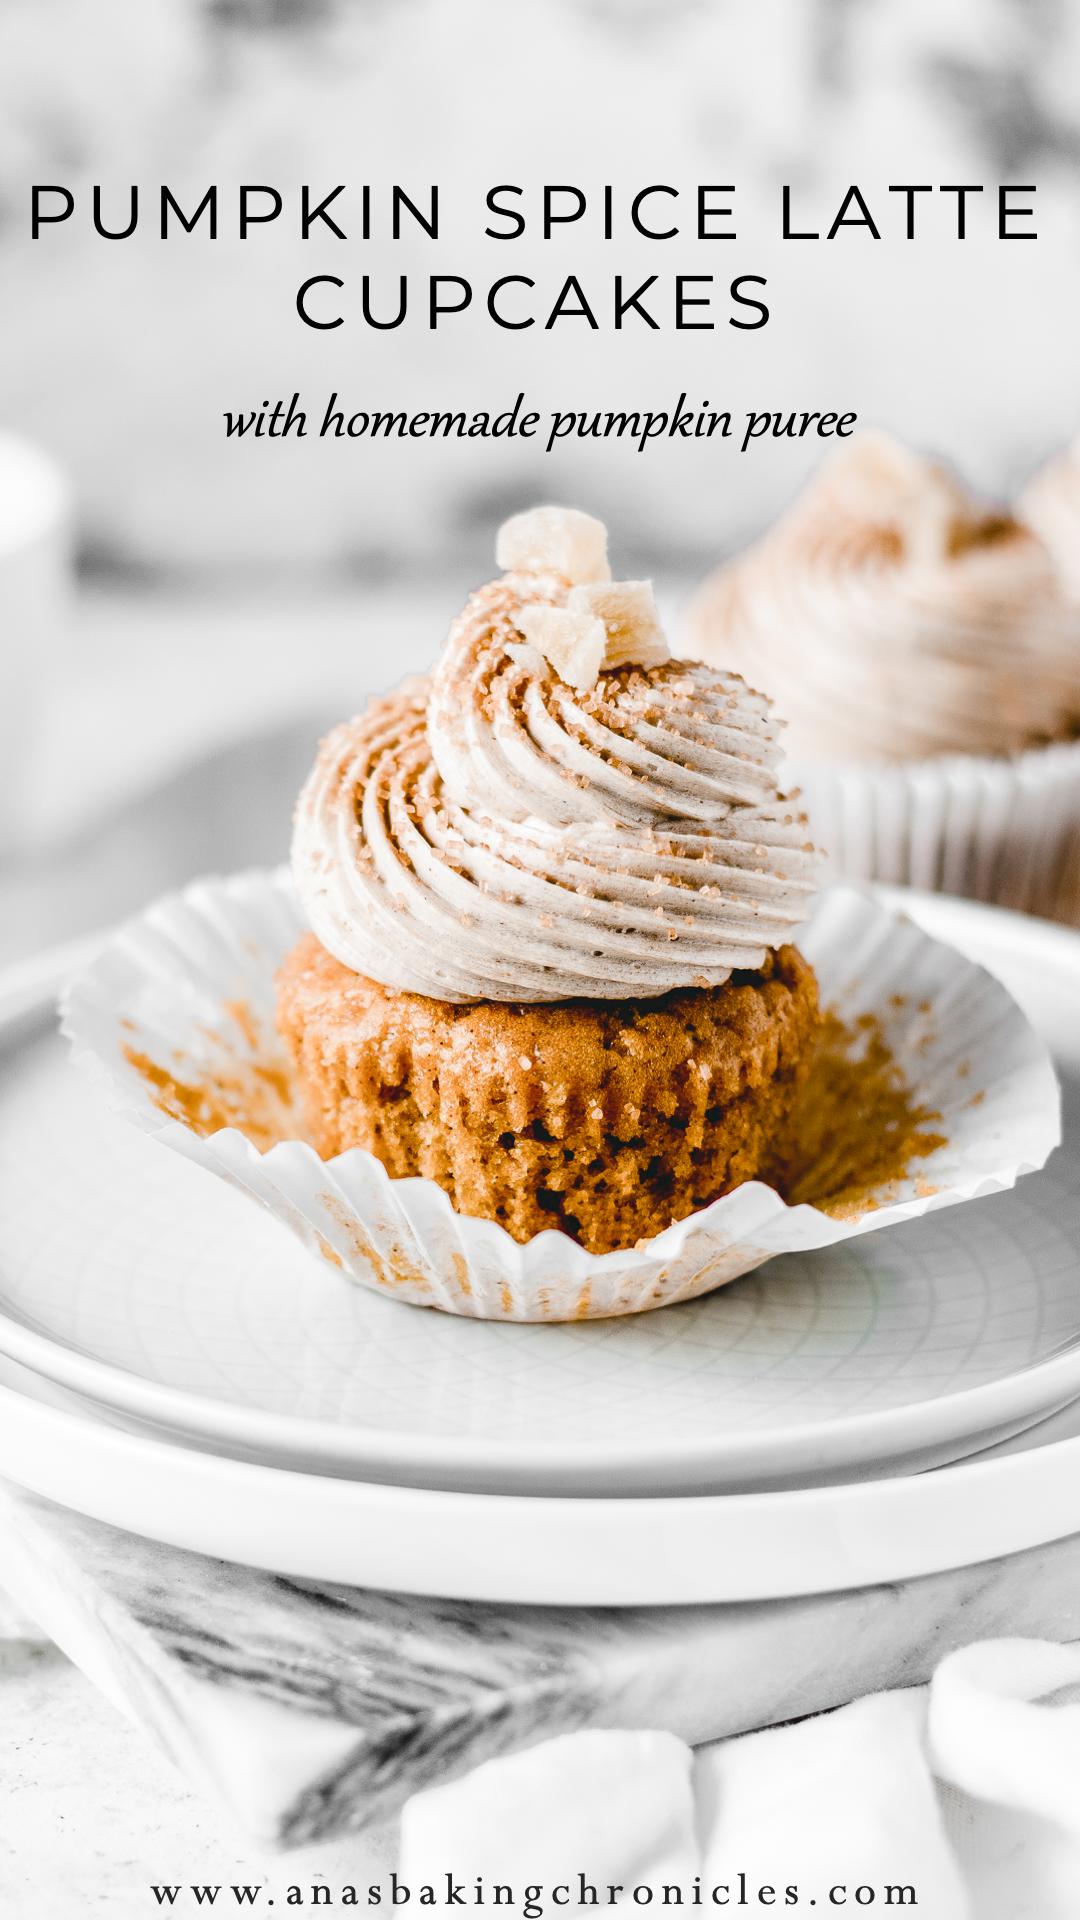 Pumpkin Spice Latte Cupcakes Recipe Pumpkin Spice Latte Cupcakes Pumpkin Spice Latte Fall Baking Recipes